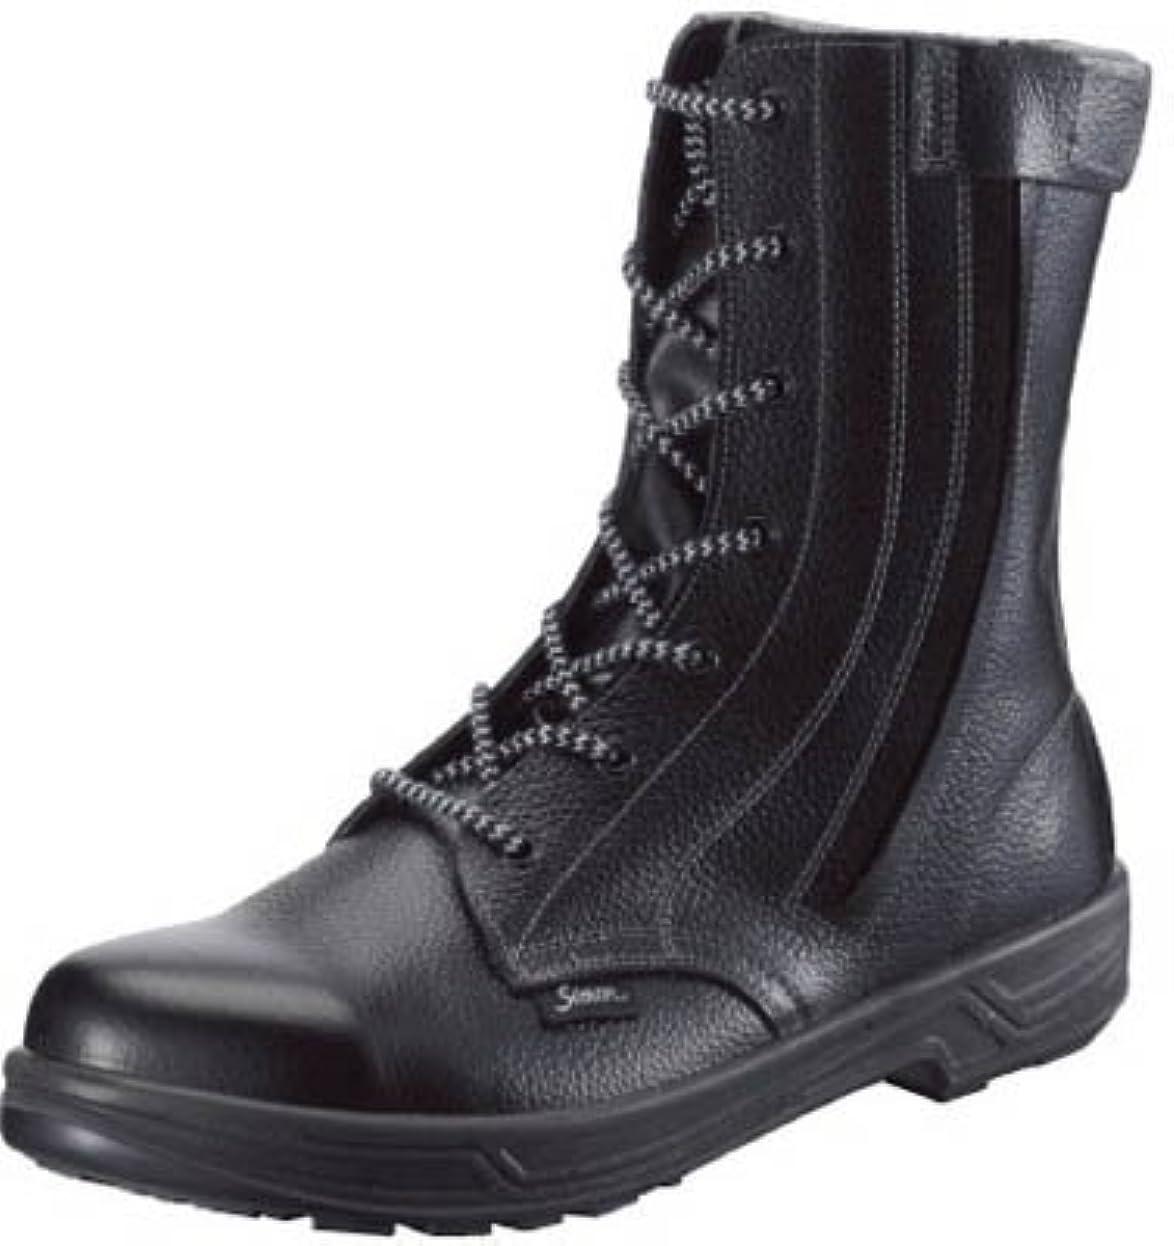 ツーリスト保険誰のシモン 安全靴 長編上靴 SS33C付 27.5cm SS33C-27.5